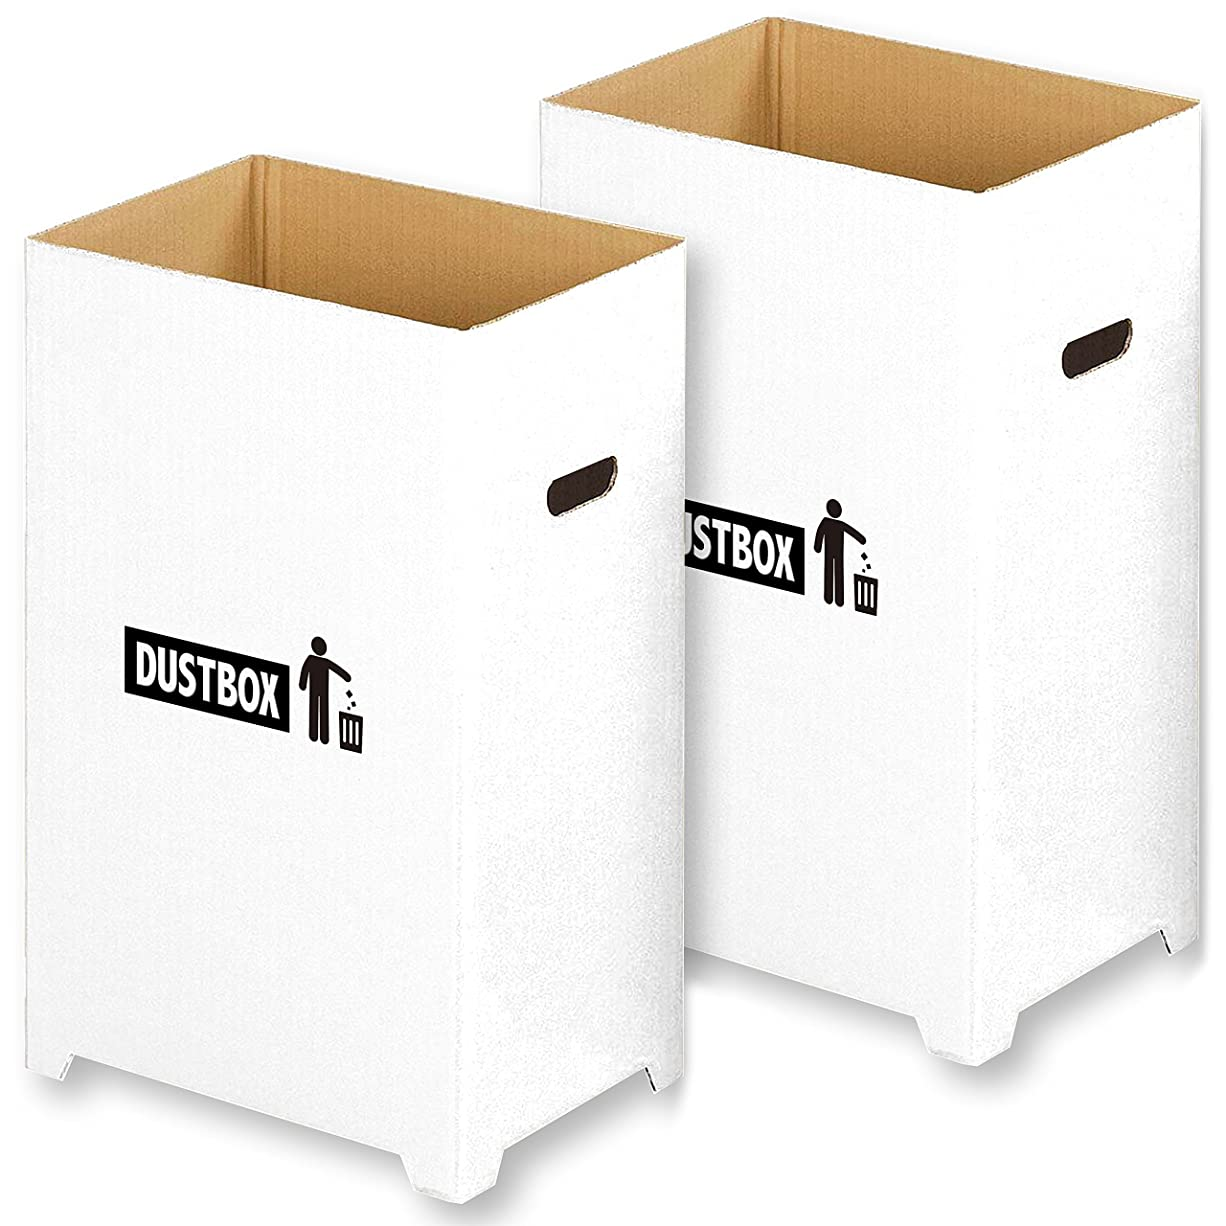 旧正月出撃者嫌がる【Amazon.co.jp限定】 撥水加工 汚れに強い おしゃれ で スリム な ダンボール ダストボックス 分別 ゴミ箱 ホワイト 2個組 ( 45リットル ゴミ袋 対応)